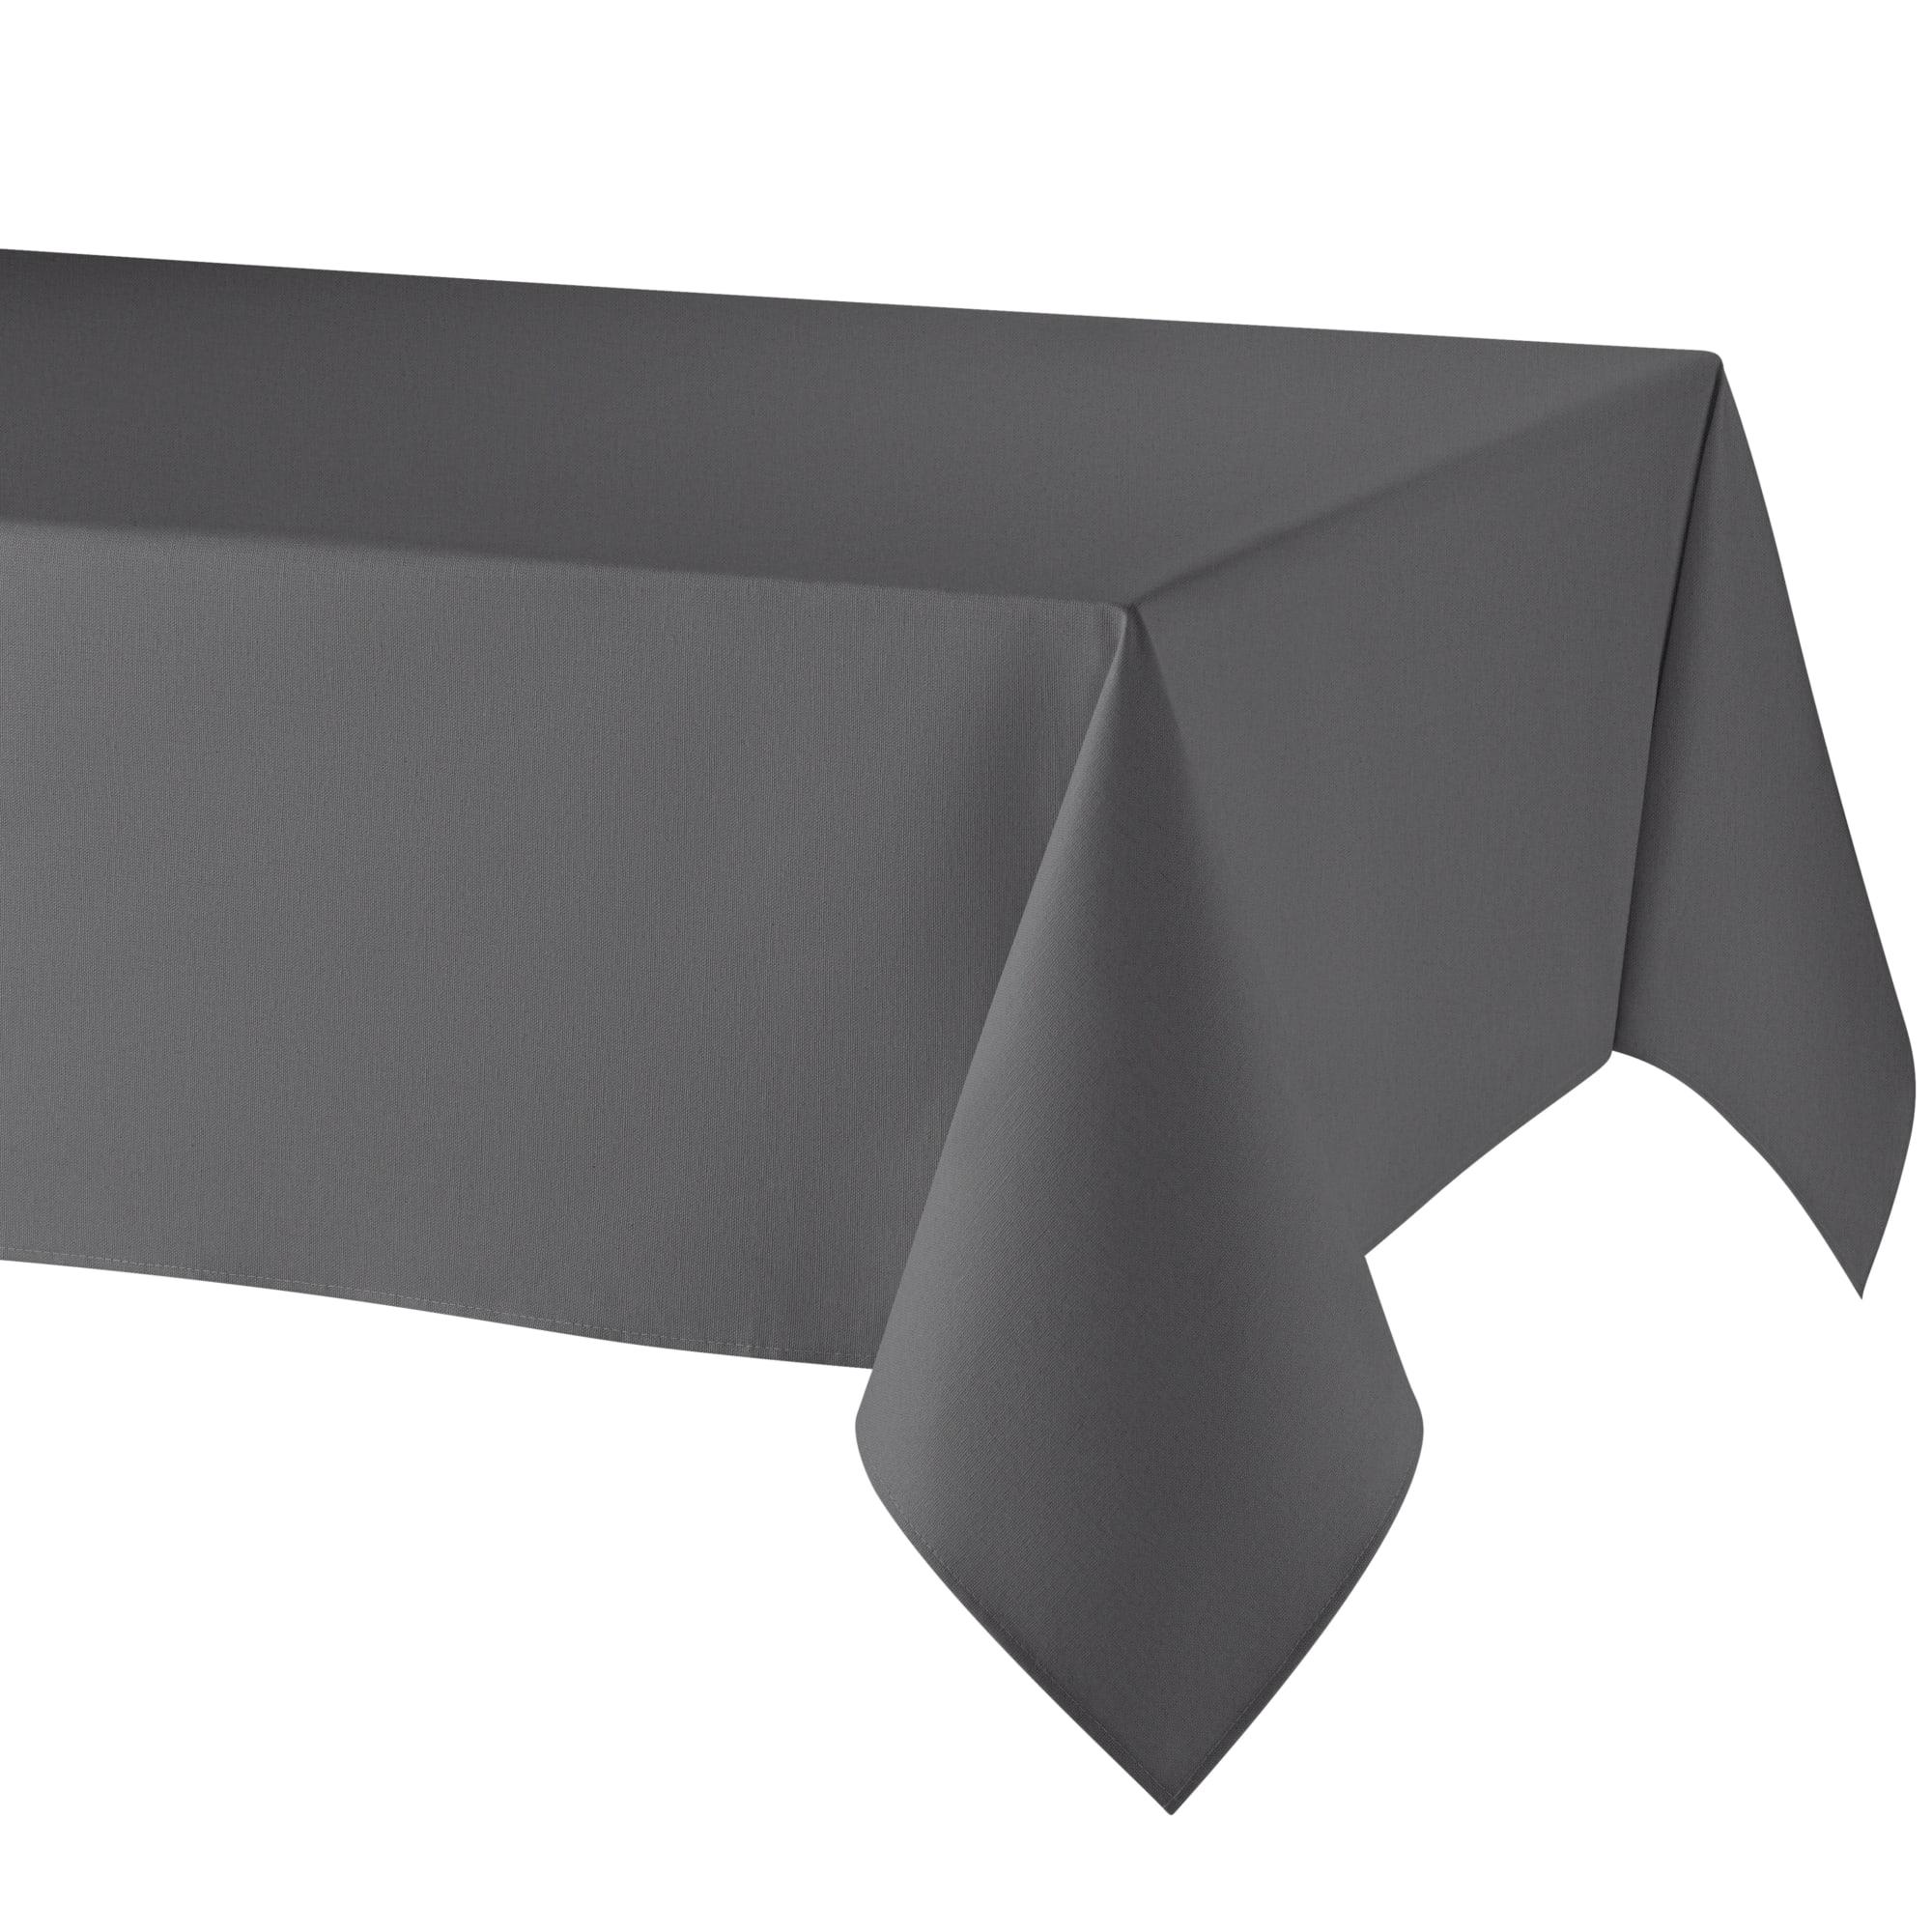 150 x 250 cm - Bomuld og polyester med EcoElite teflonbehandling